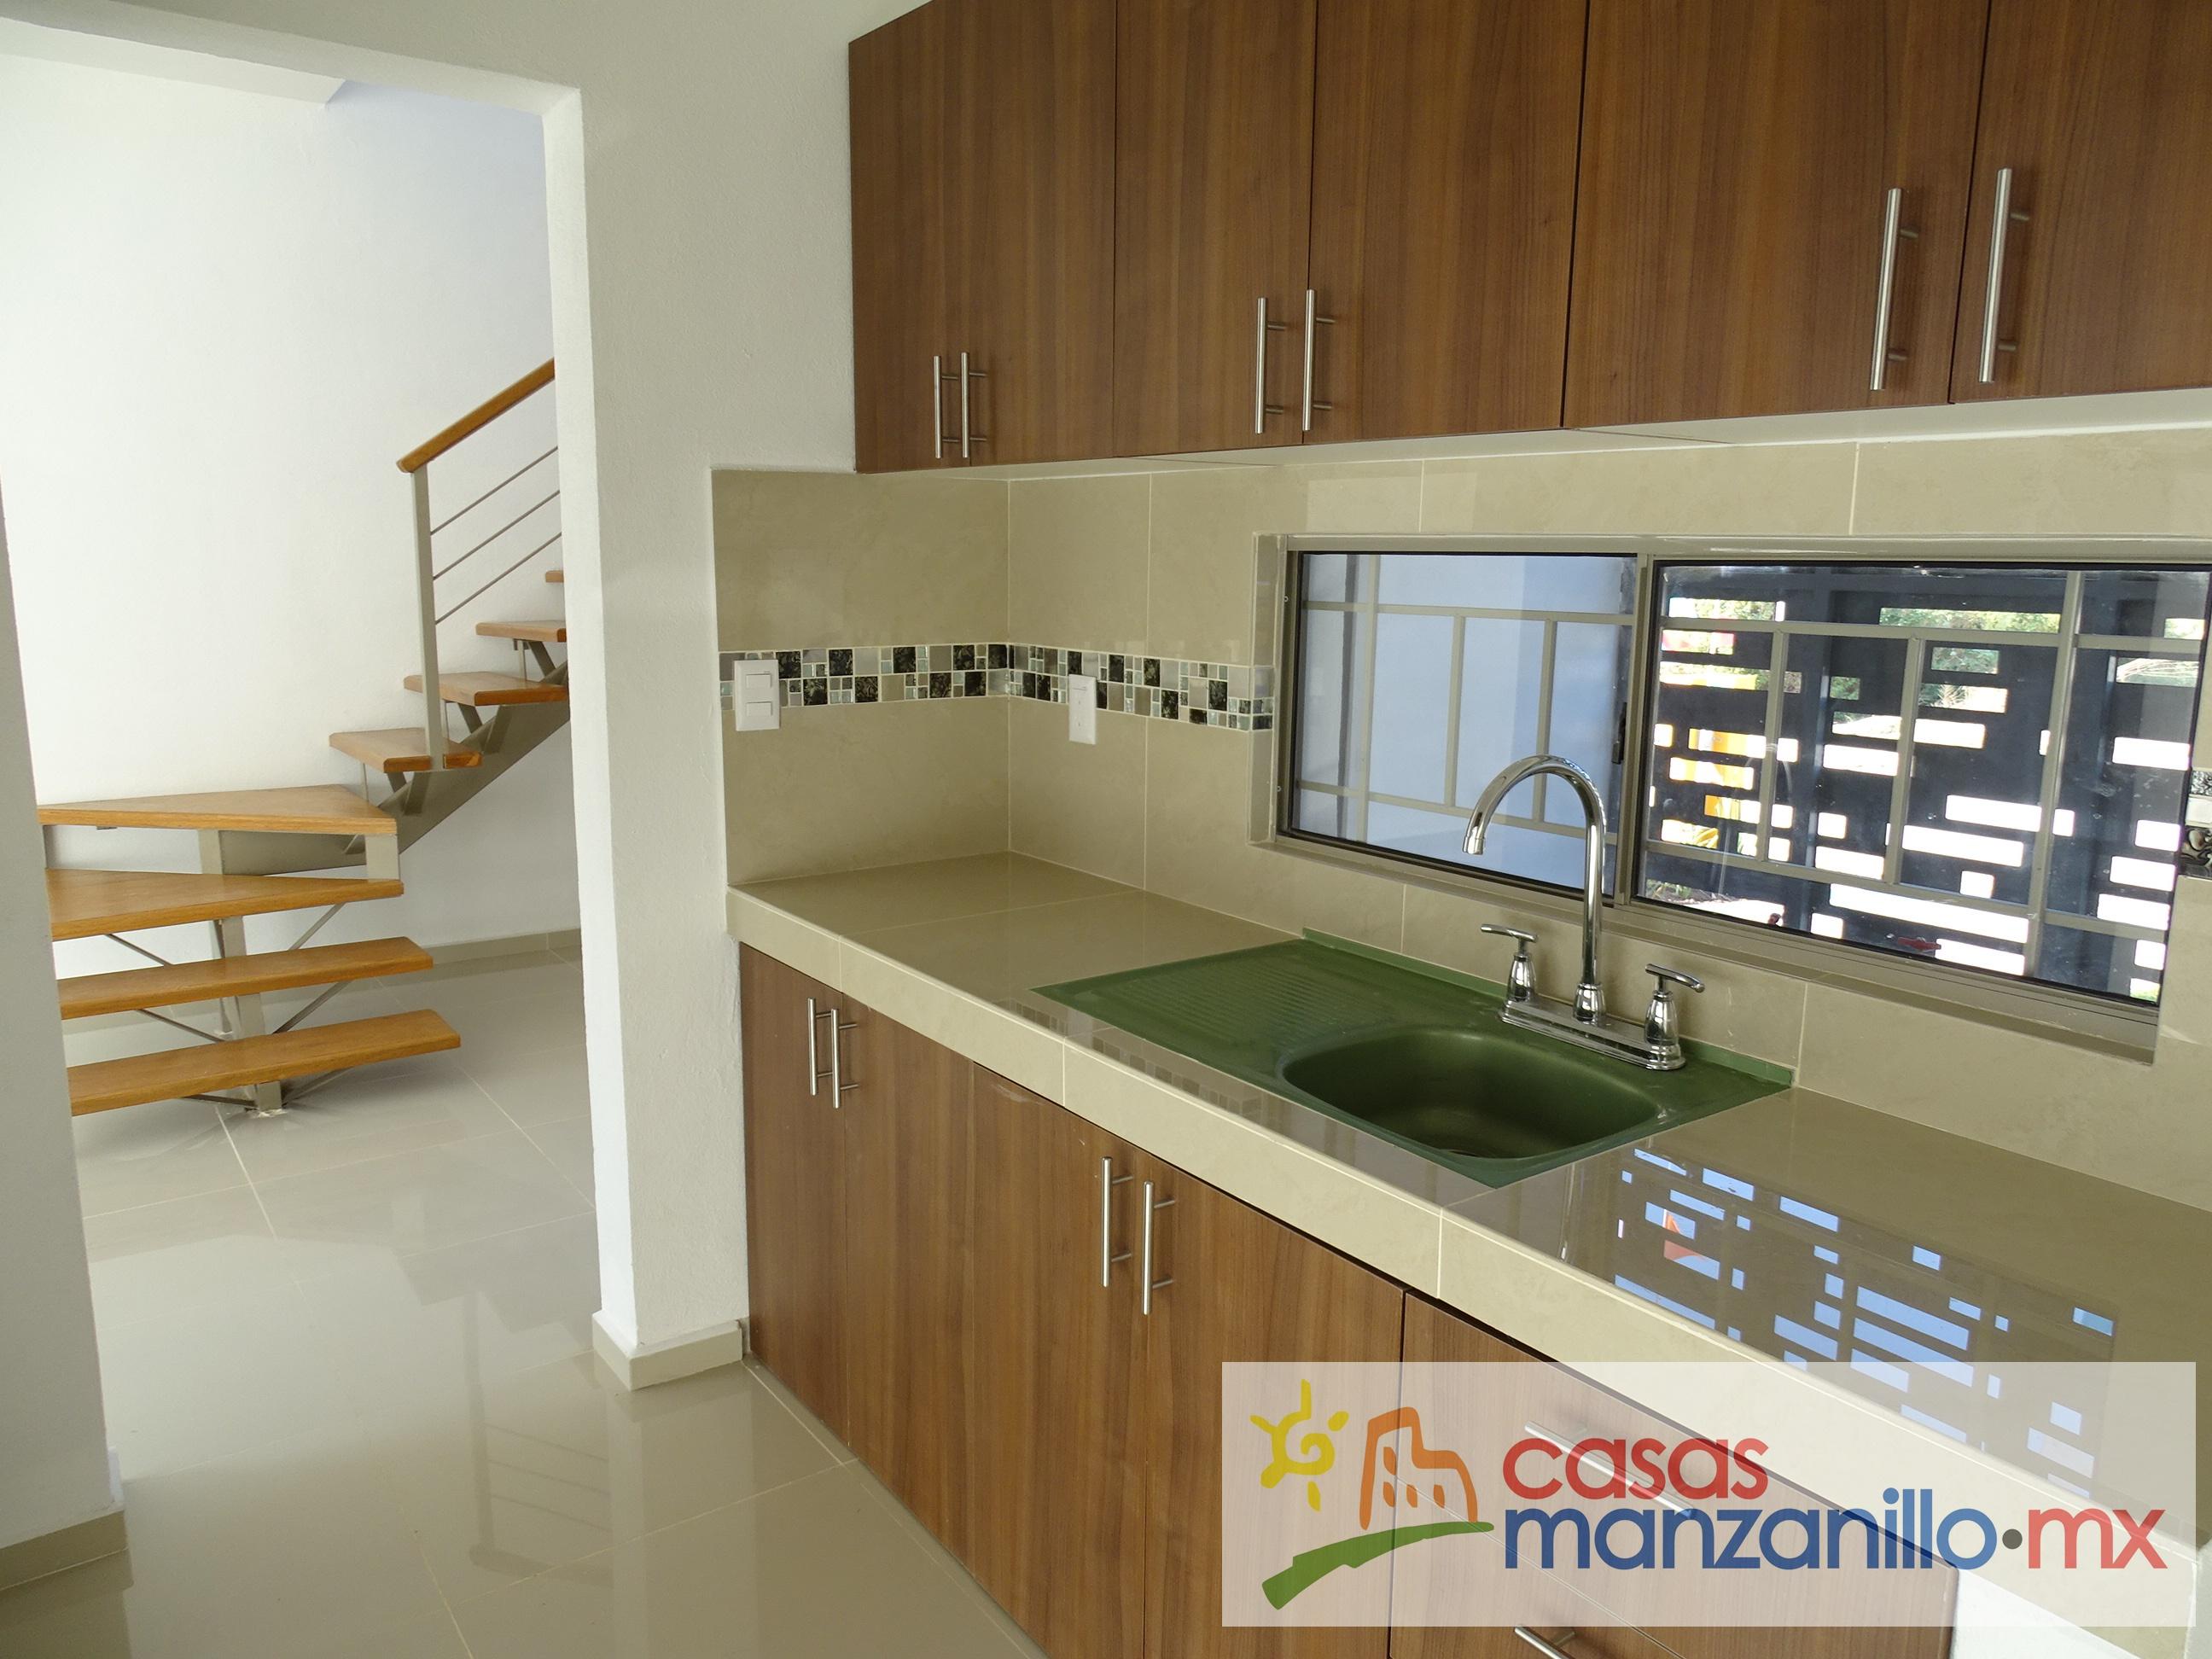 Casas Venta Manzanillo - Los Altos (35).